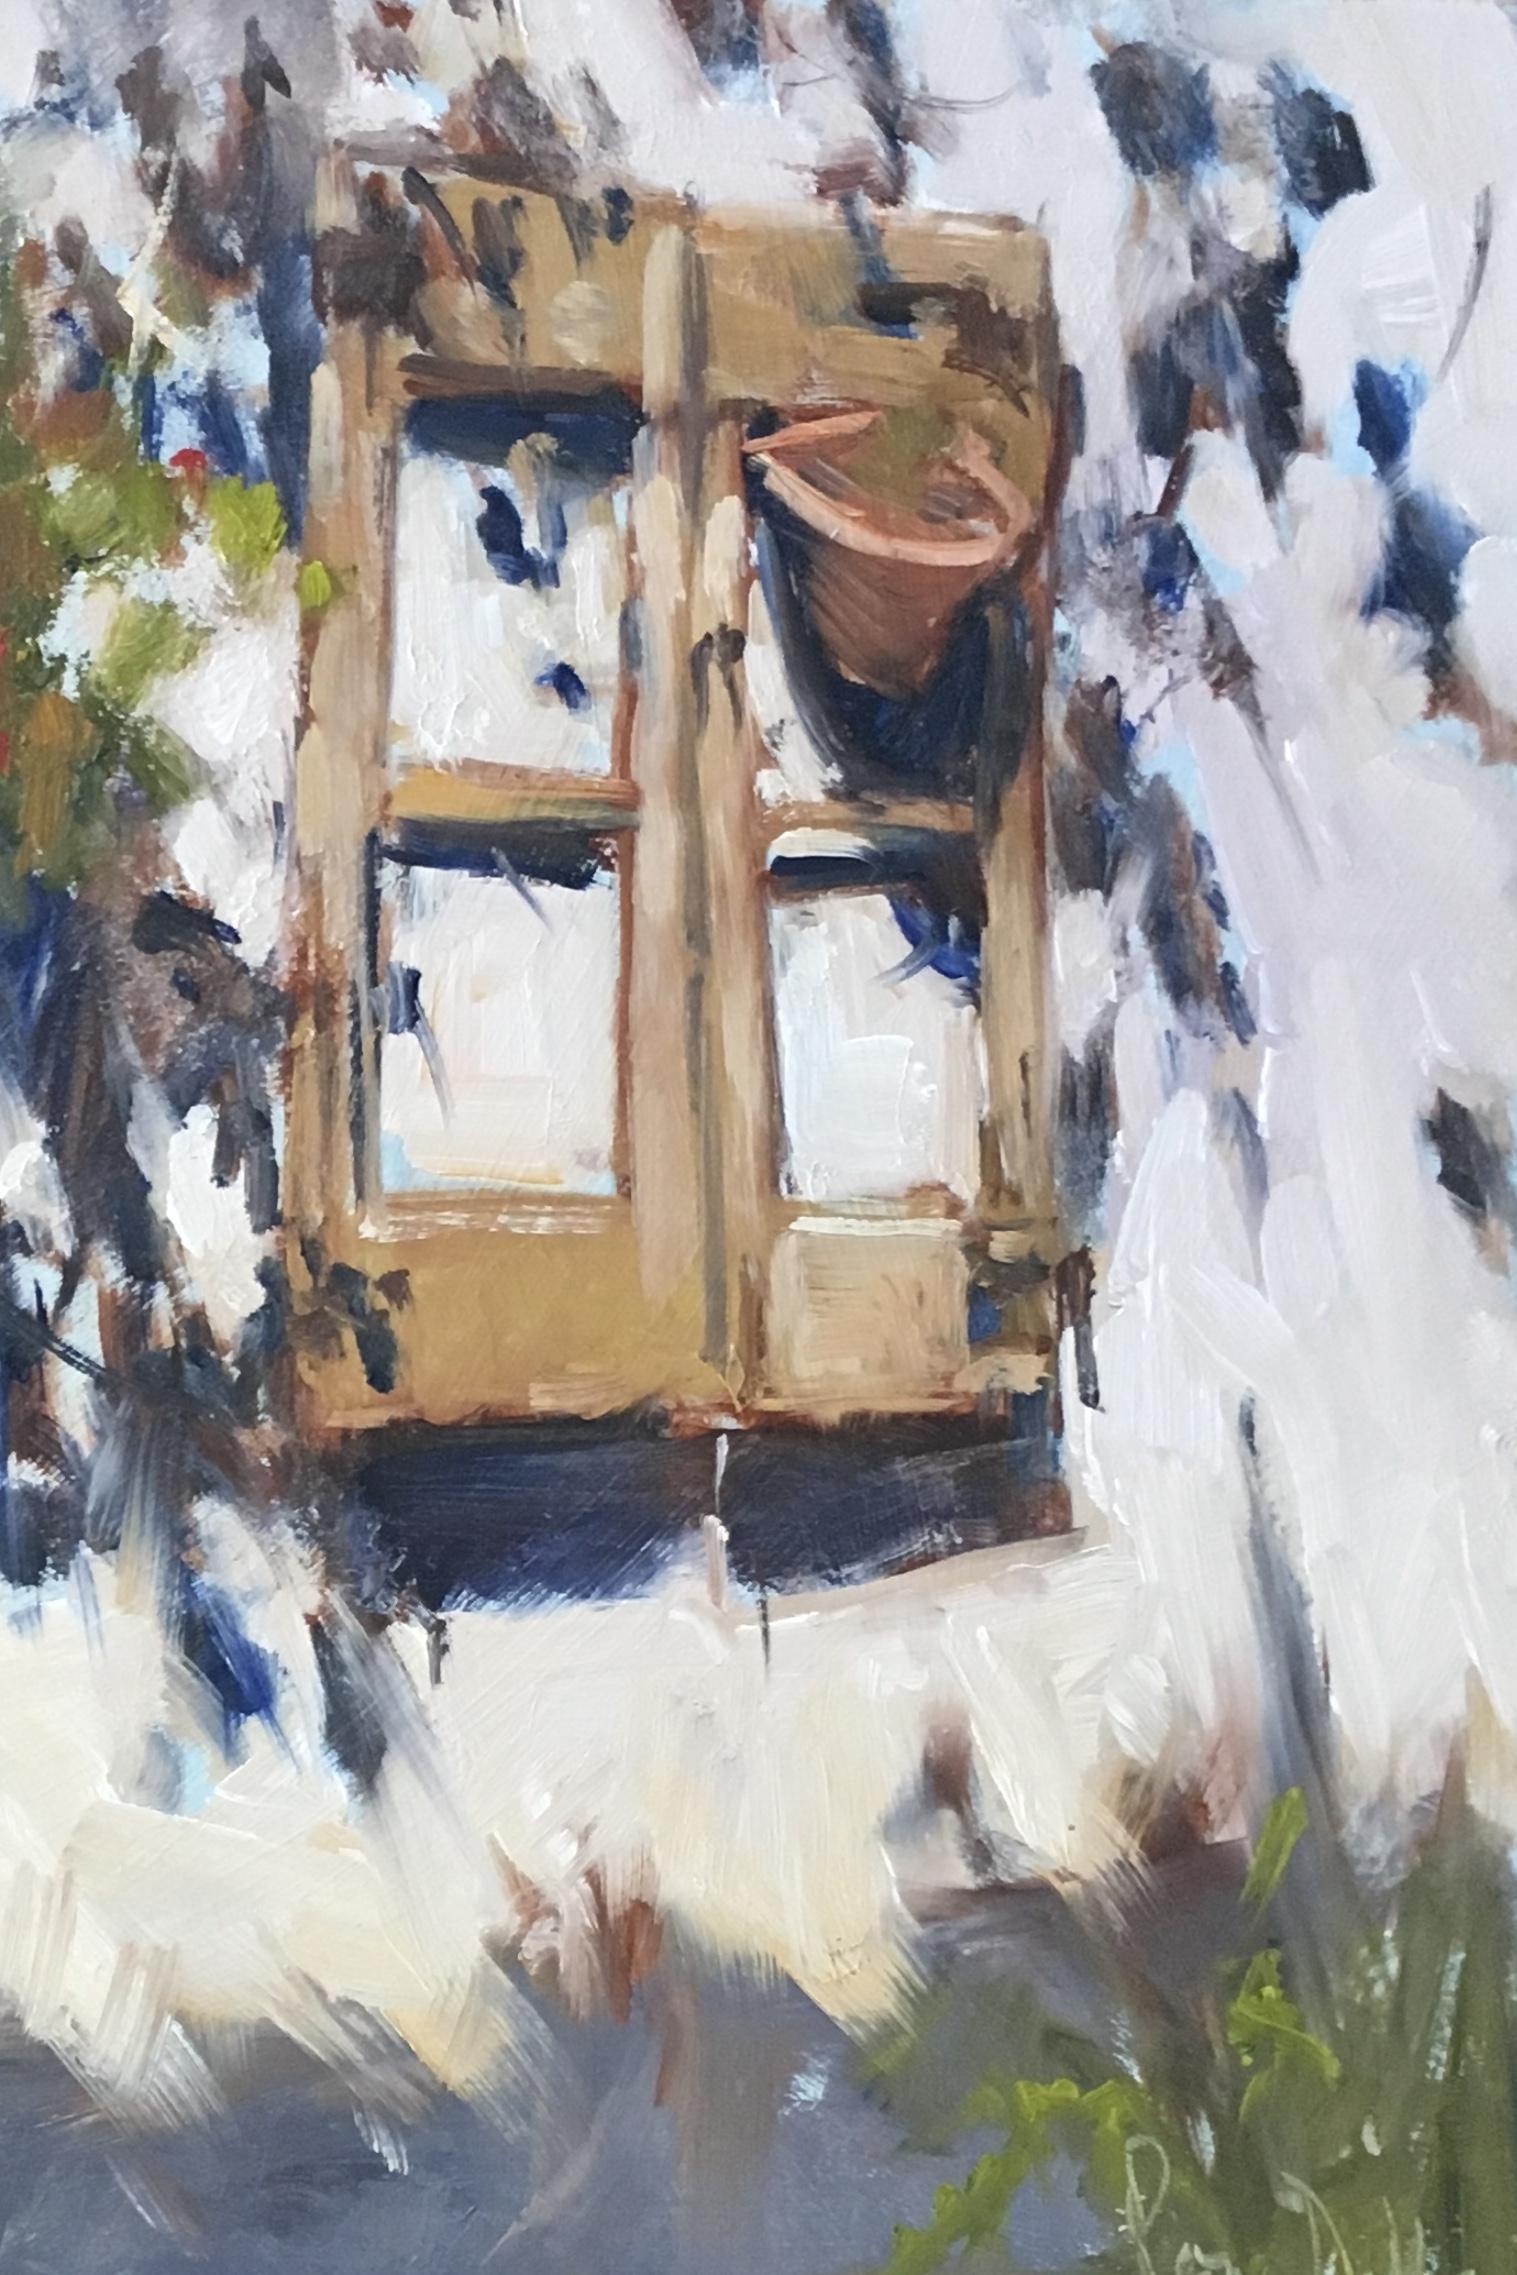 Pool House Window Oil on Board 10x10